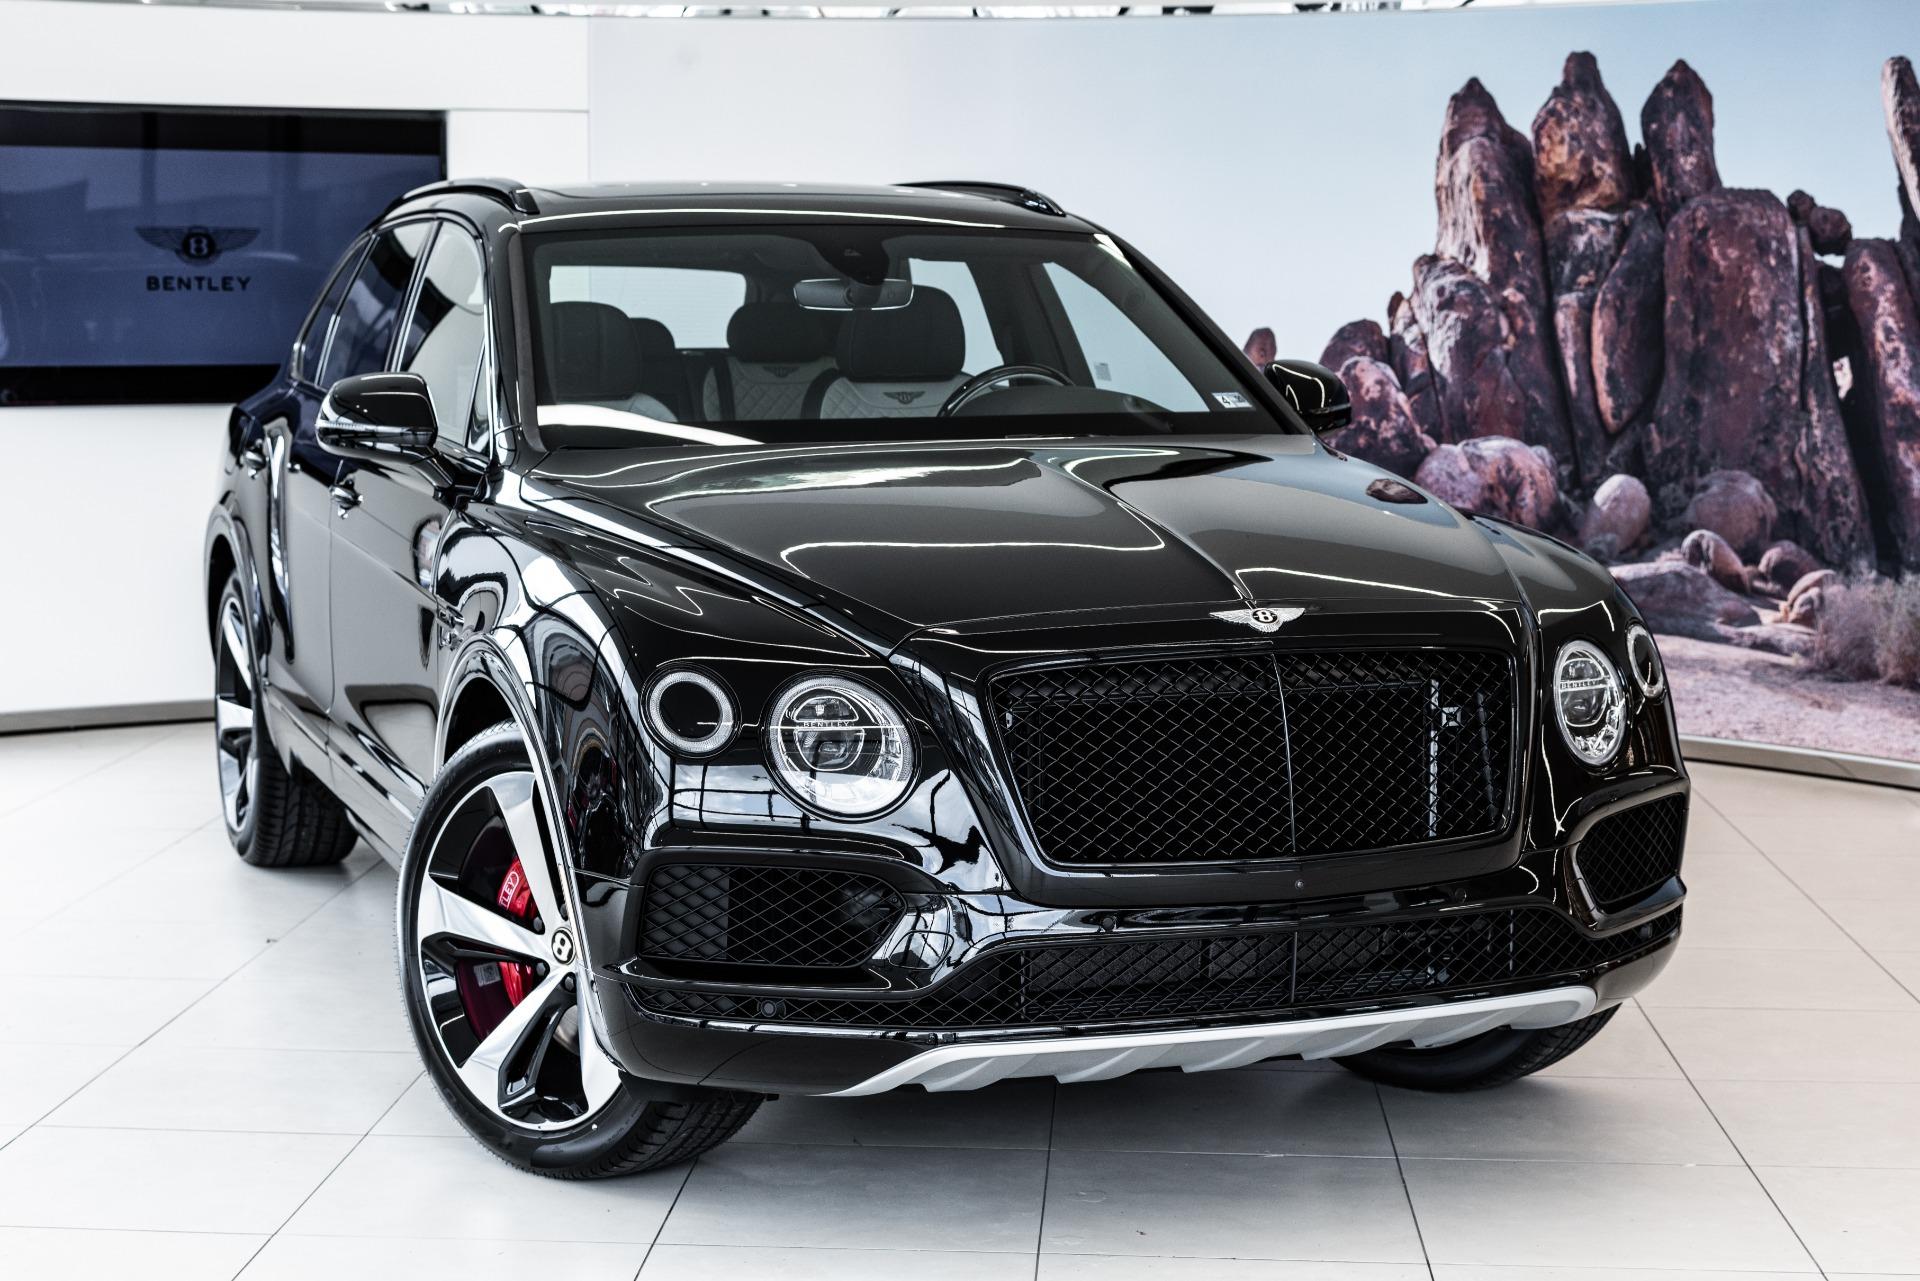 2019 Bentley Bentayga Mulliner Stock 9n026877 For Sale